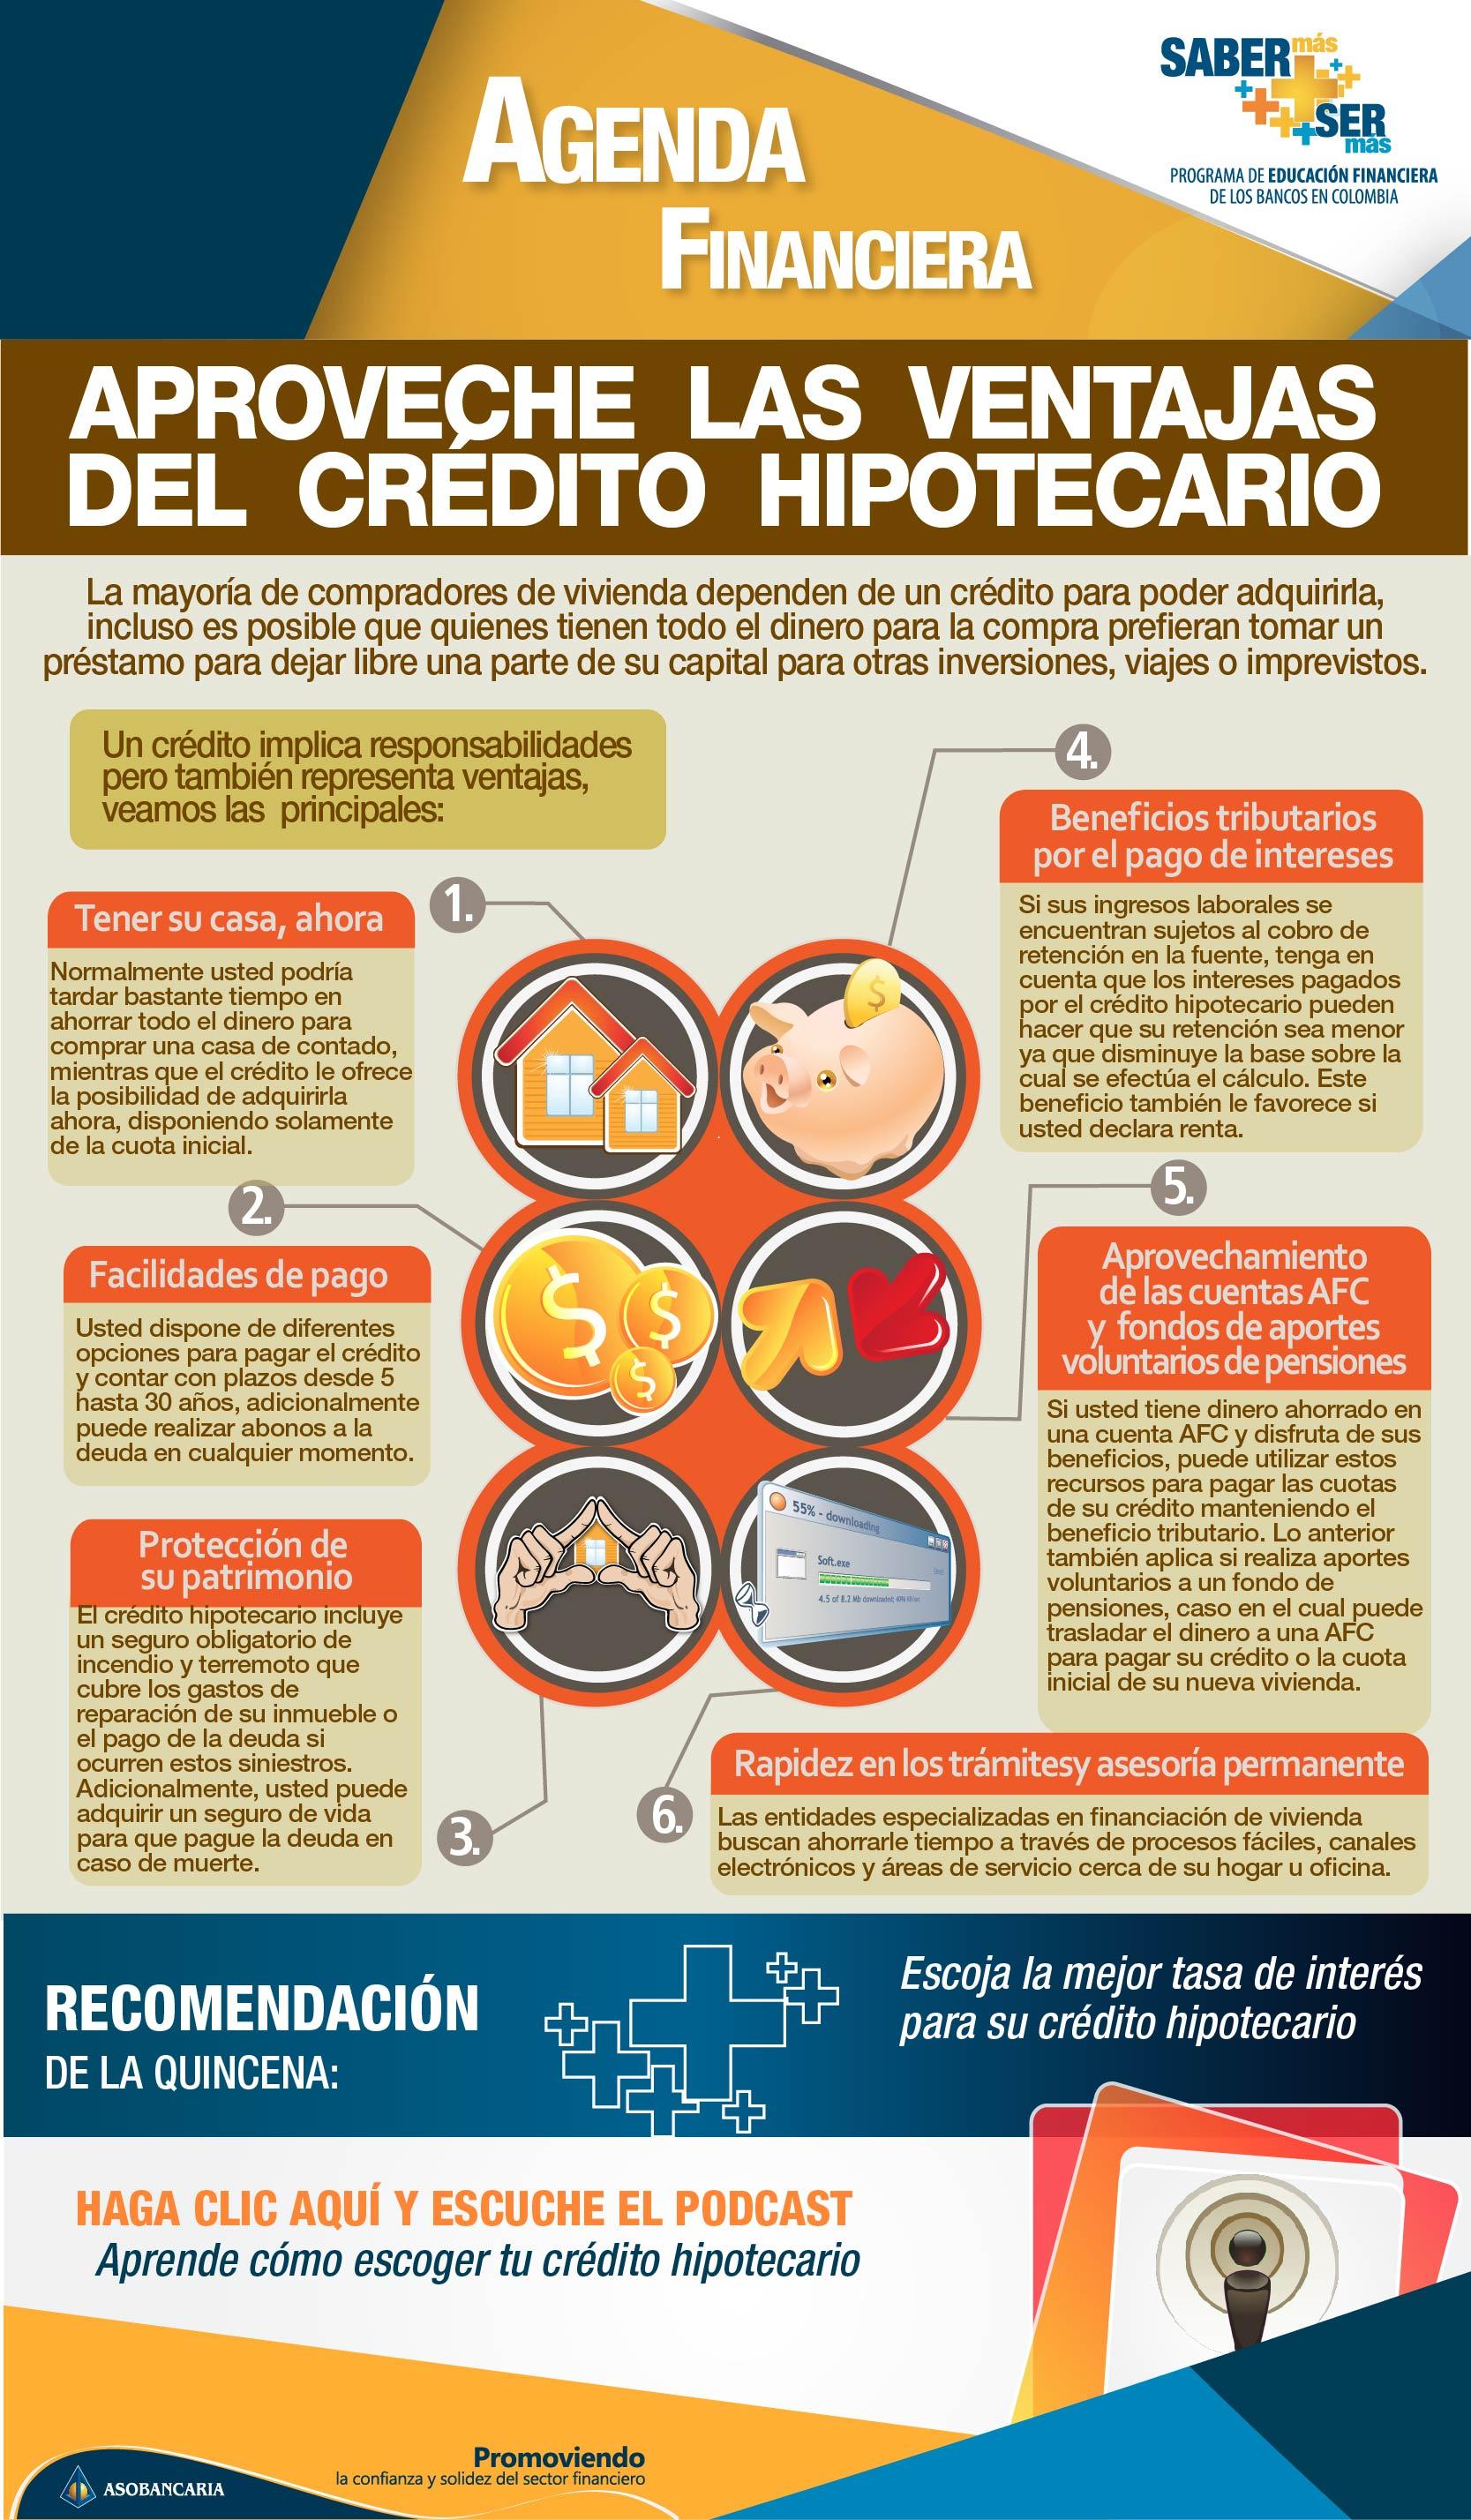 Boletin 17 - Aproveche las ventajas del credito hipotecario